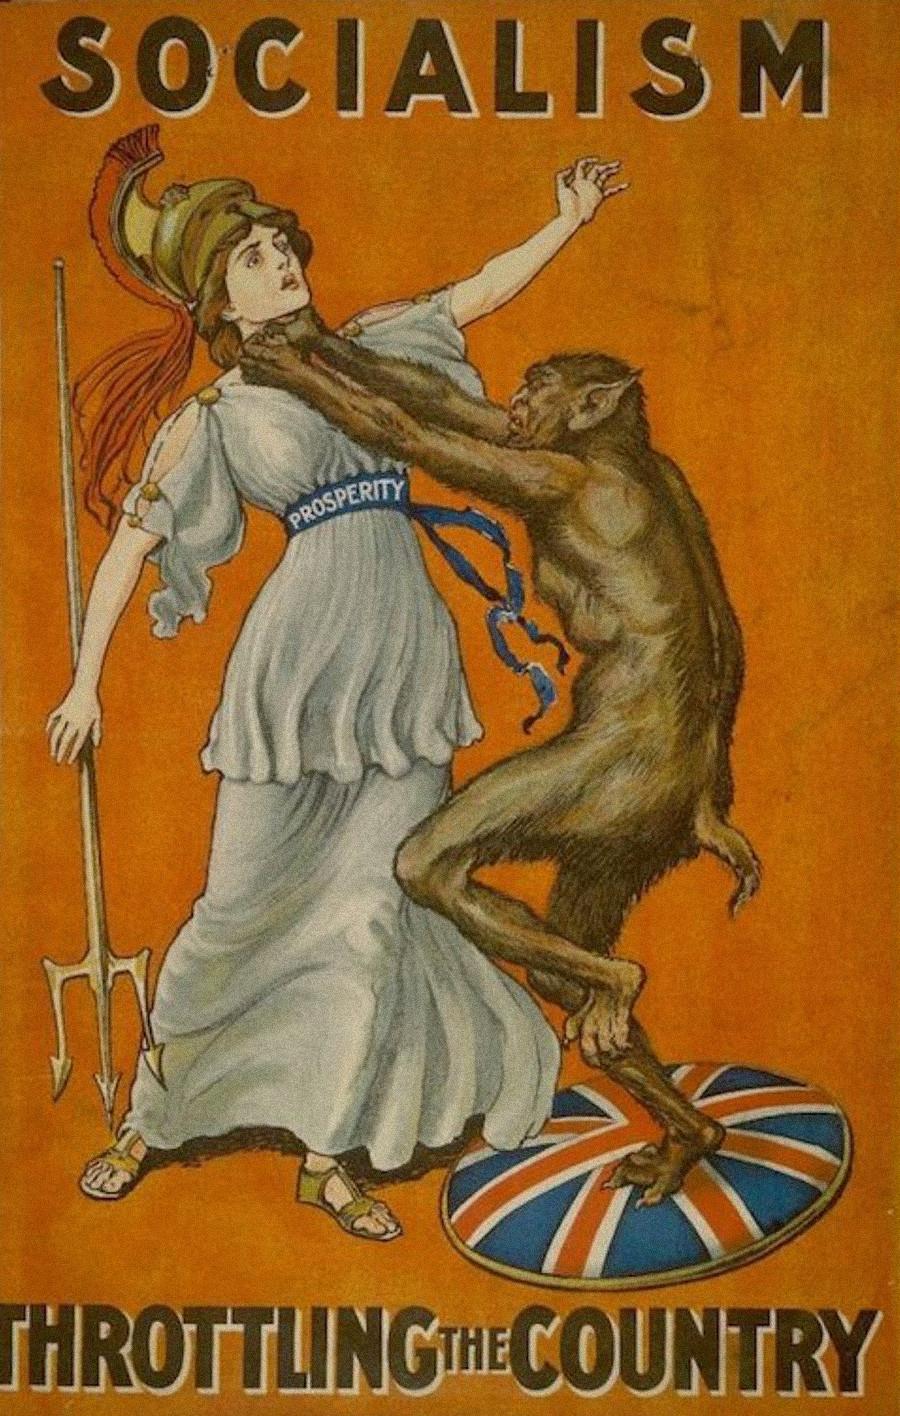 Pembuatan poster ini diperintahkan oleh Partai Konservatif di Inggris pada 1909.